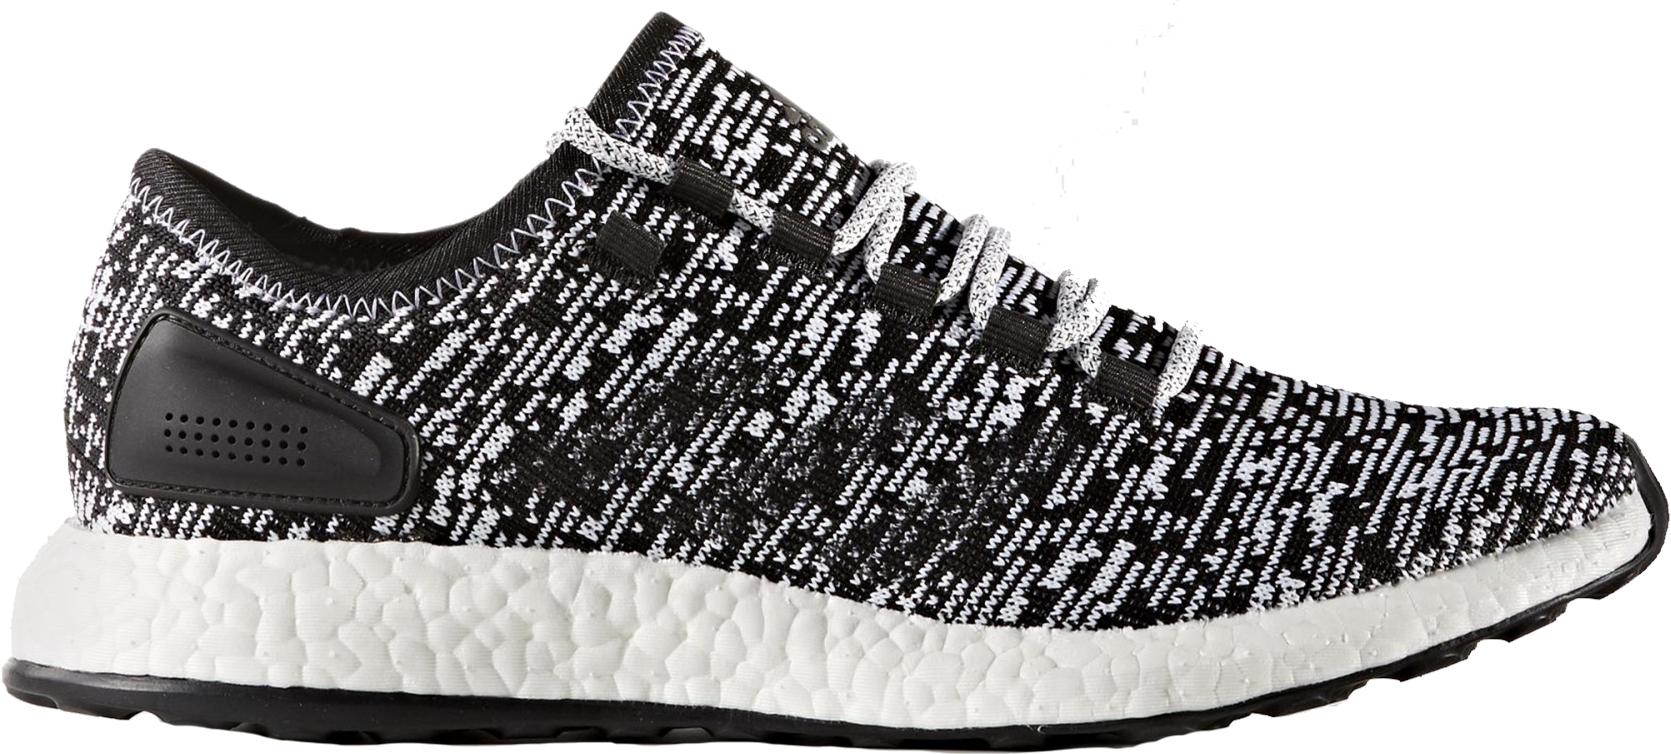 adidas Pureboost 2017 Core Black White